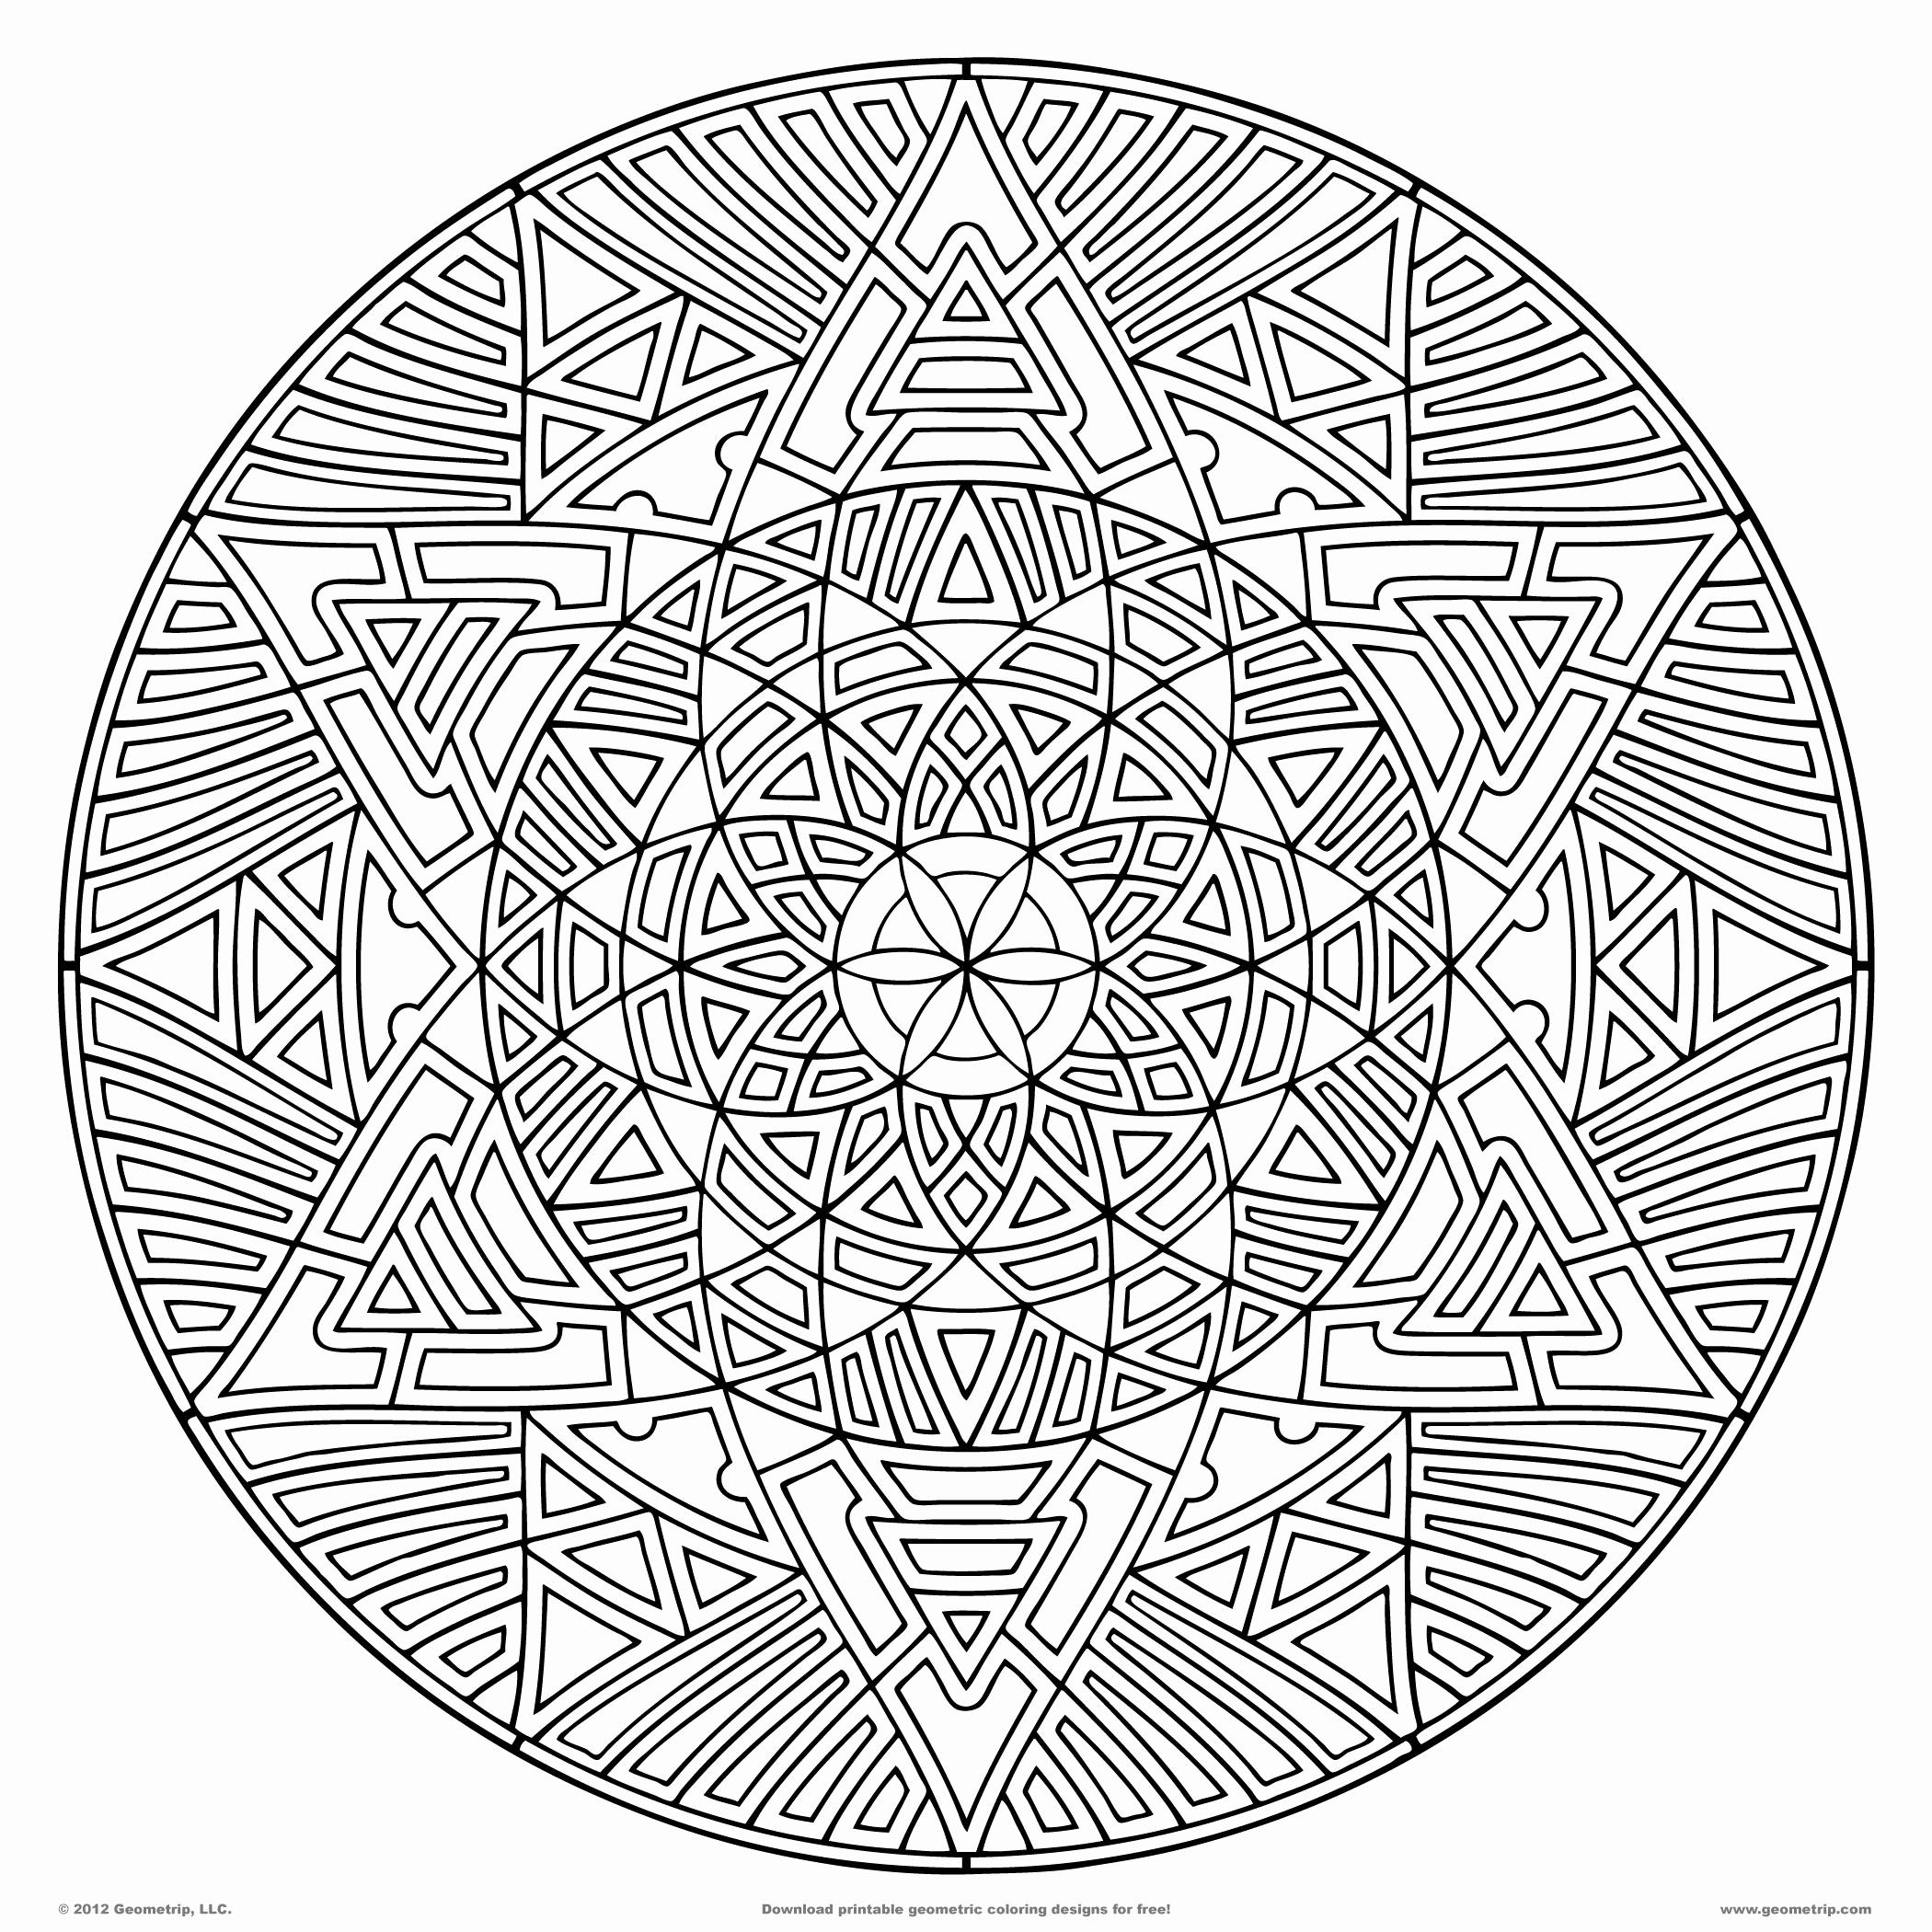 2100x2100 Moon Mandala Coloring Pages Stock Hard Mandala Coloring Pages